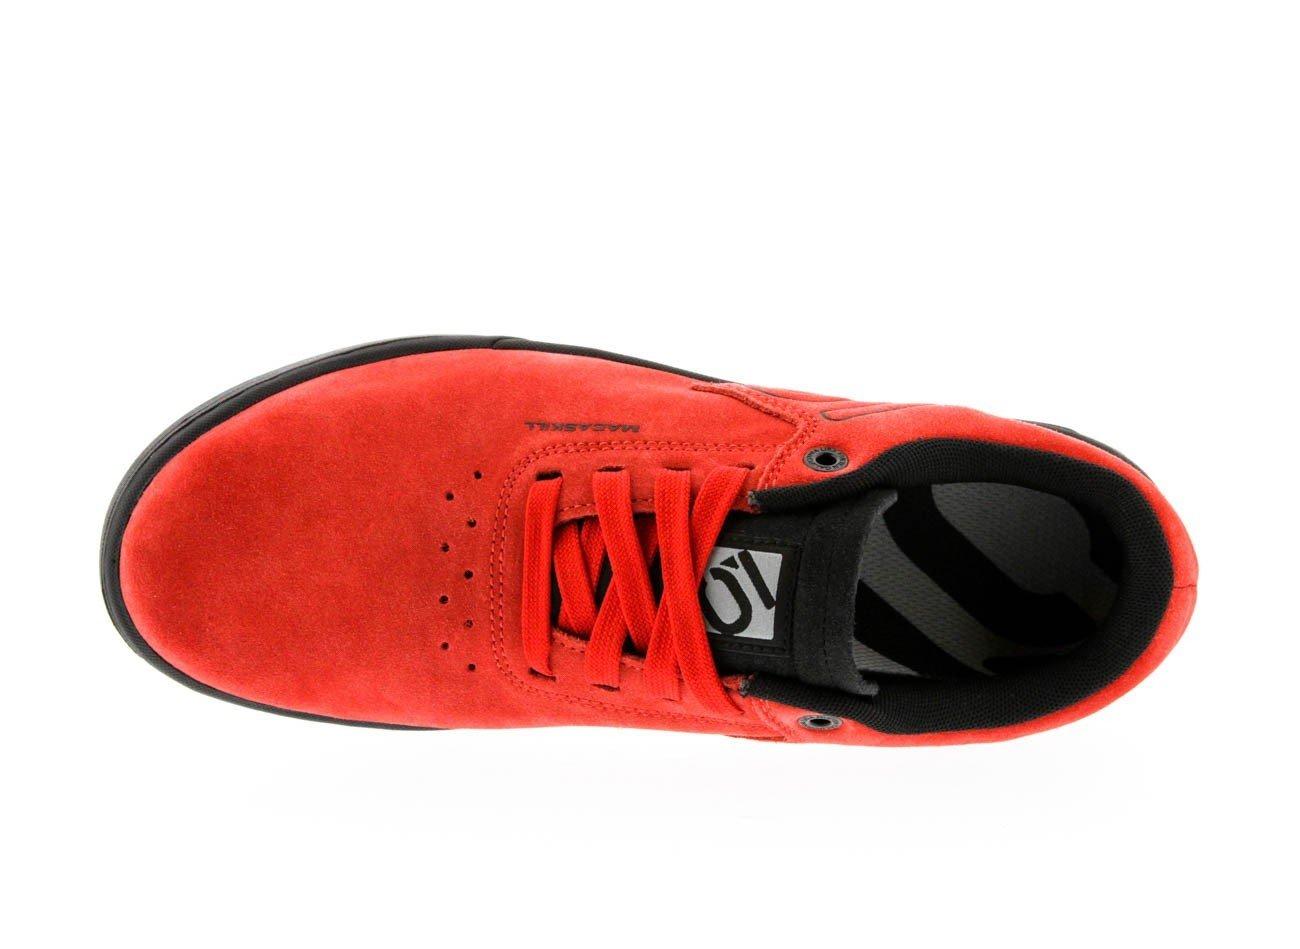 Five Ten Danny MacAskill MacAskill MacAskill schuhe Men Scarlet Schuhgröße UK 7,5   EU 41,5 2018 Schuhe ad471d